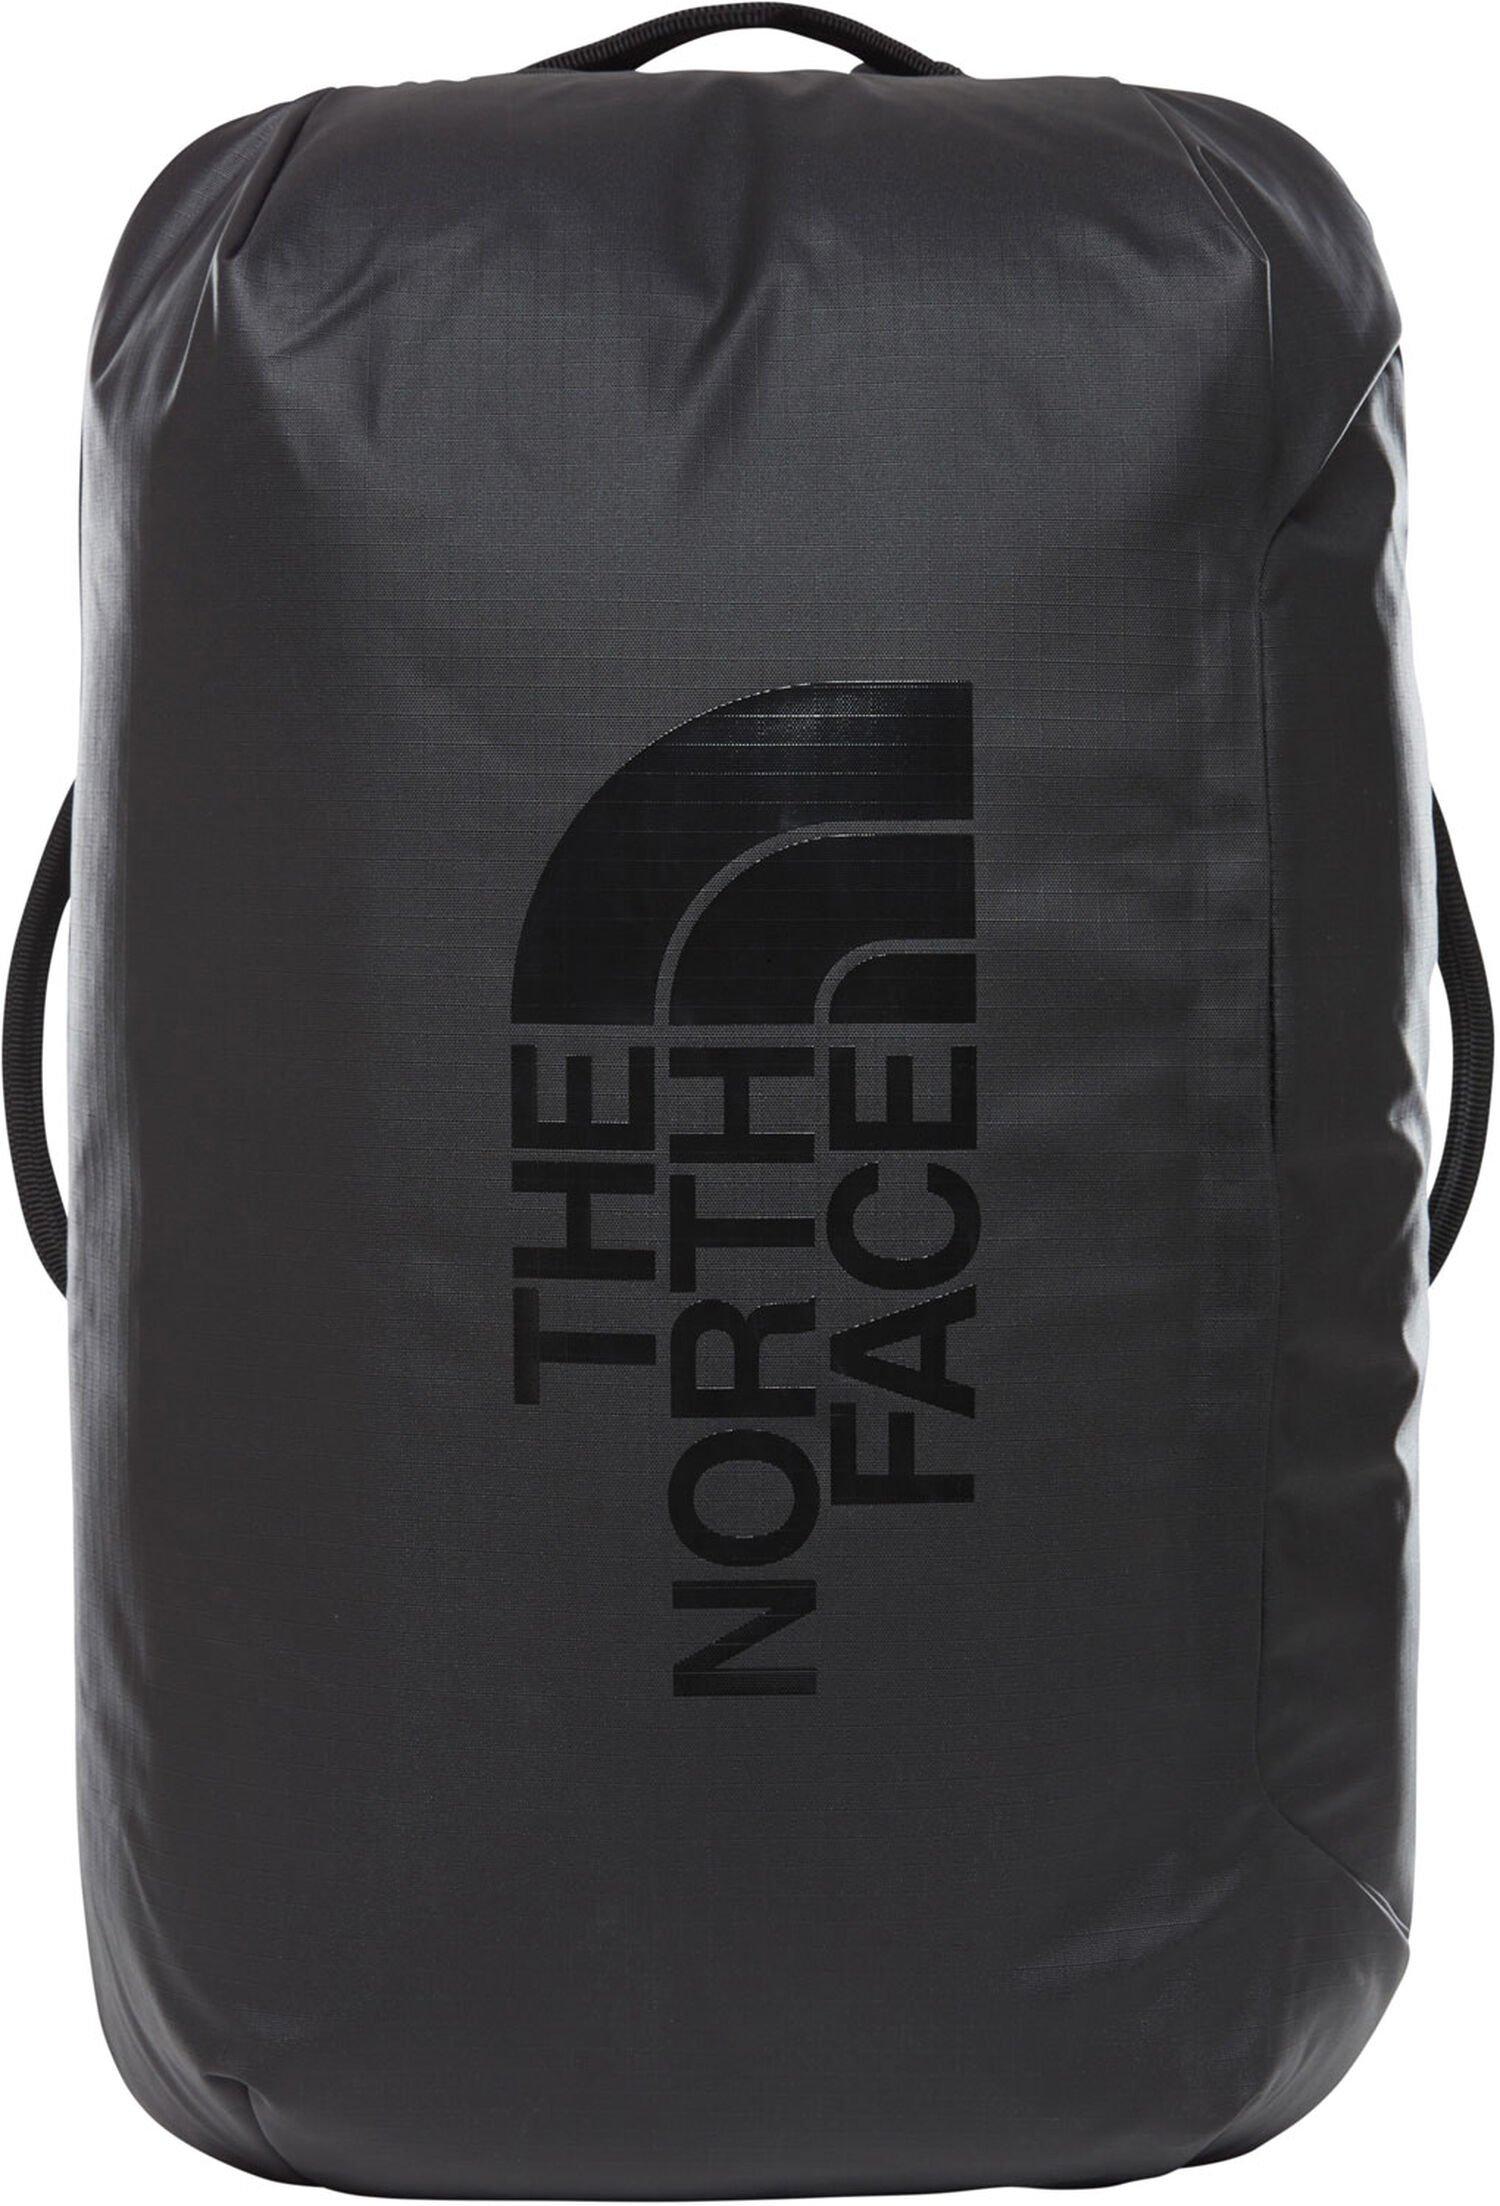 [ Stylefile.de ] The North Face - Stratoliner Duffel S ( schwarz ) / Volumen: 40 Liter